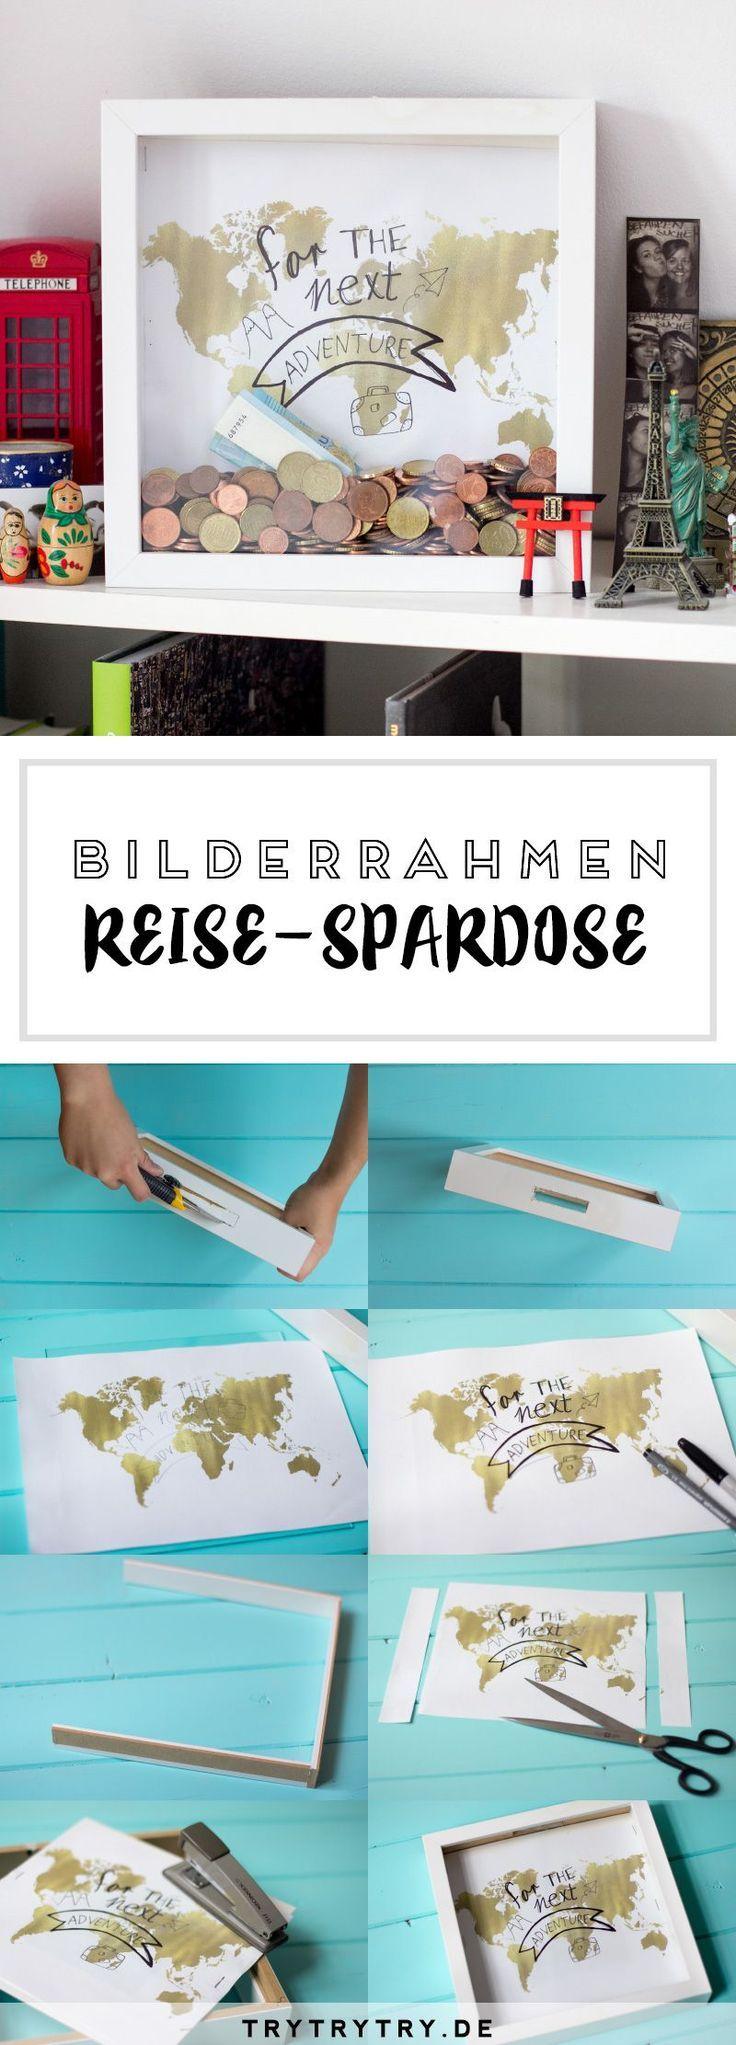 DIY Reise-Spardose & 7 Spartipps für die nächste Reise #reise #spardose – Willi